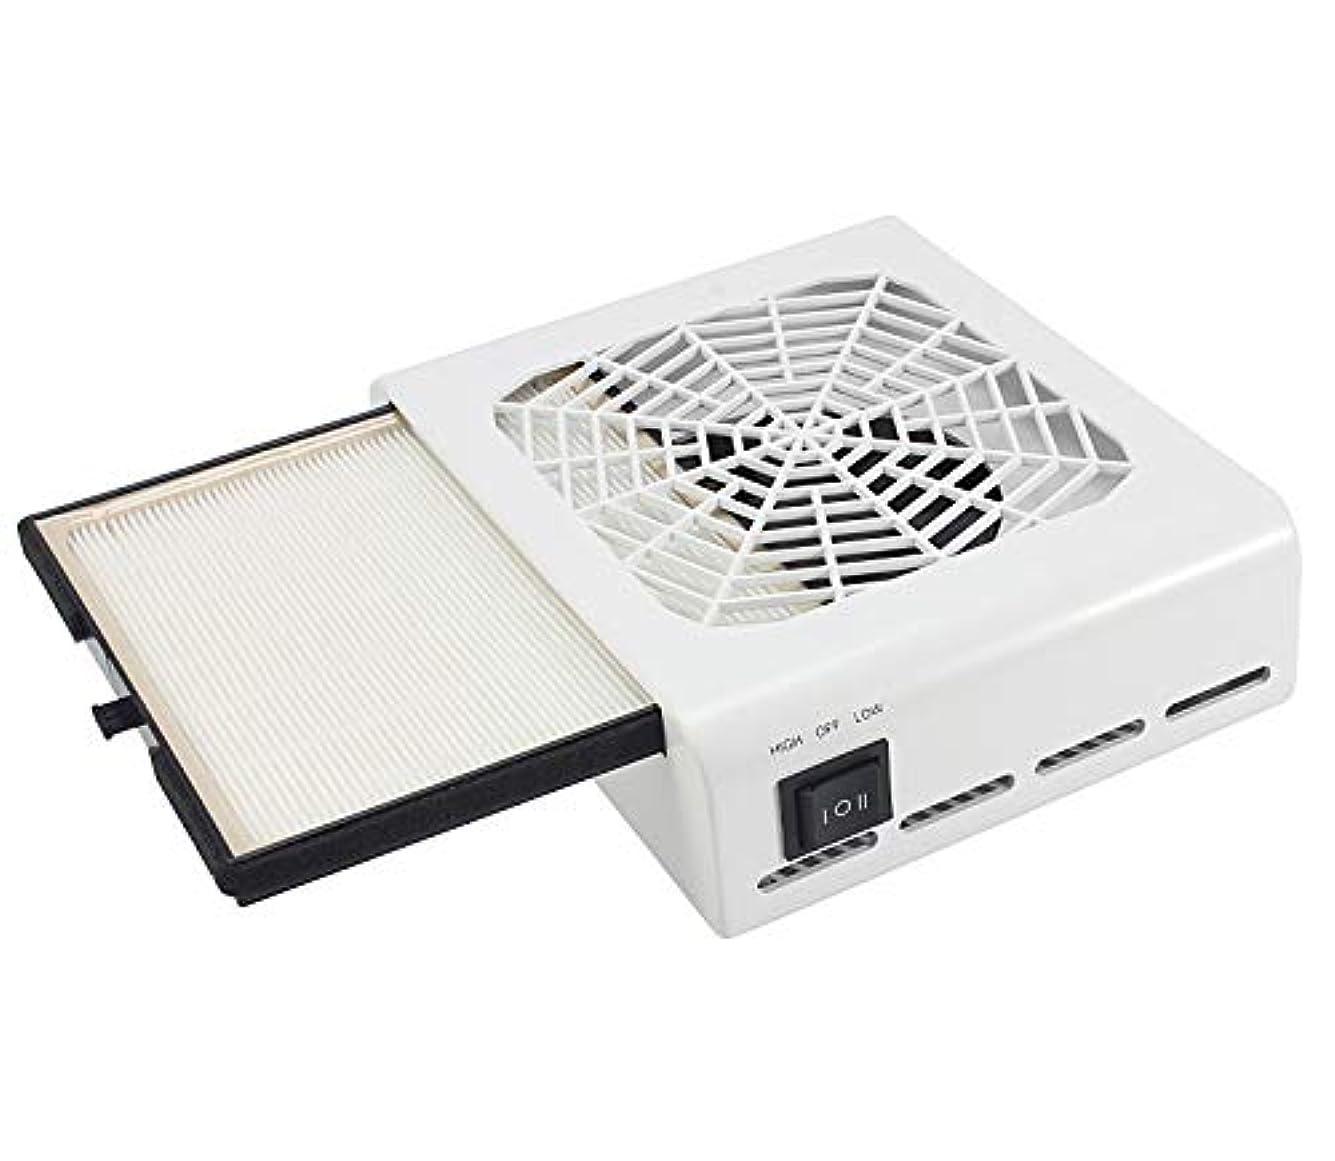 幾分しっかり接続されたネイルダスト 集塵機 ジェルネイル ネイル機器 最新版 セルフネイル 低騒音 110V 40W パワー調節可能 白